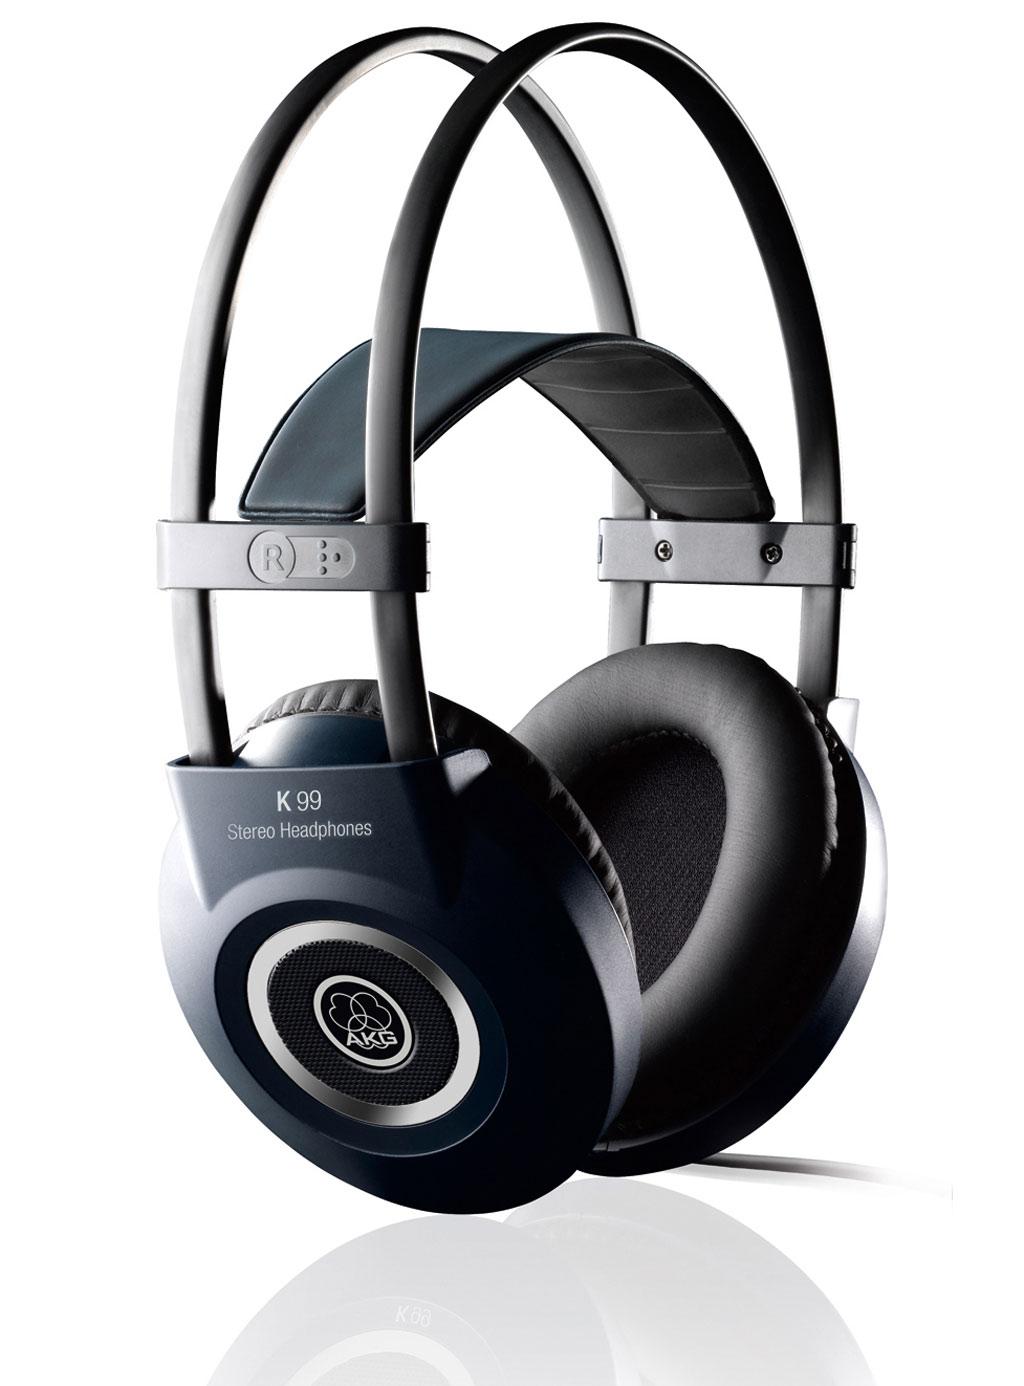 Powieksz do pelnego rozmiaru AKG K 99, AKG K99, AKG K-99, słuchawki profesjonalne, słuchawki studyjne, słuchawki hi-fi, słuchawki realizatorskie, słuchawki uniwersalne, słuchawki z pałąkiem, słuchawki nagłowne, słuchawki wokółuszne, słuchawki półotwarte, słuchawki z kablem jednostronnym